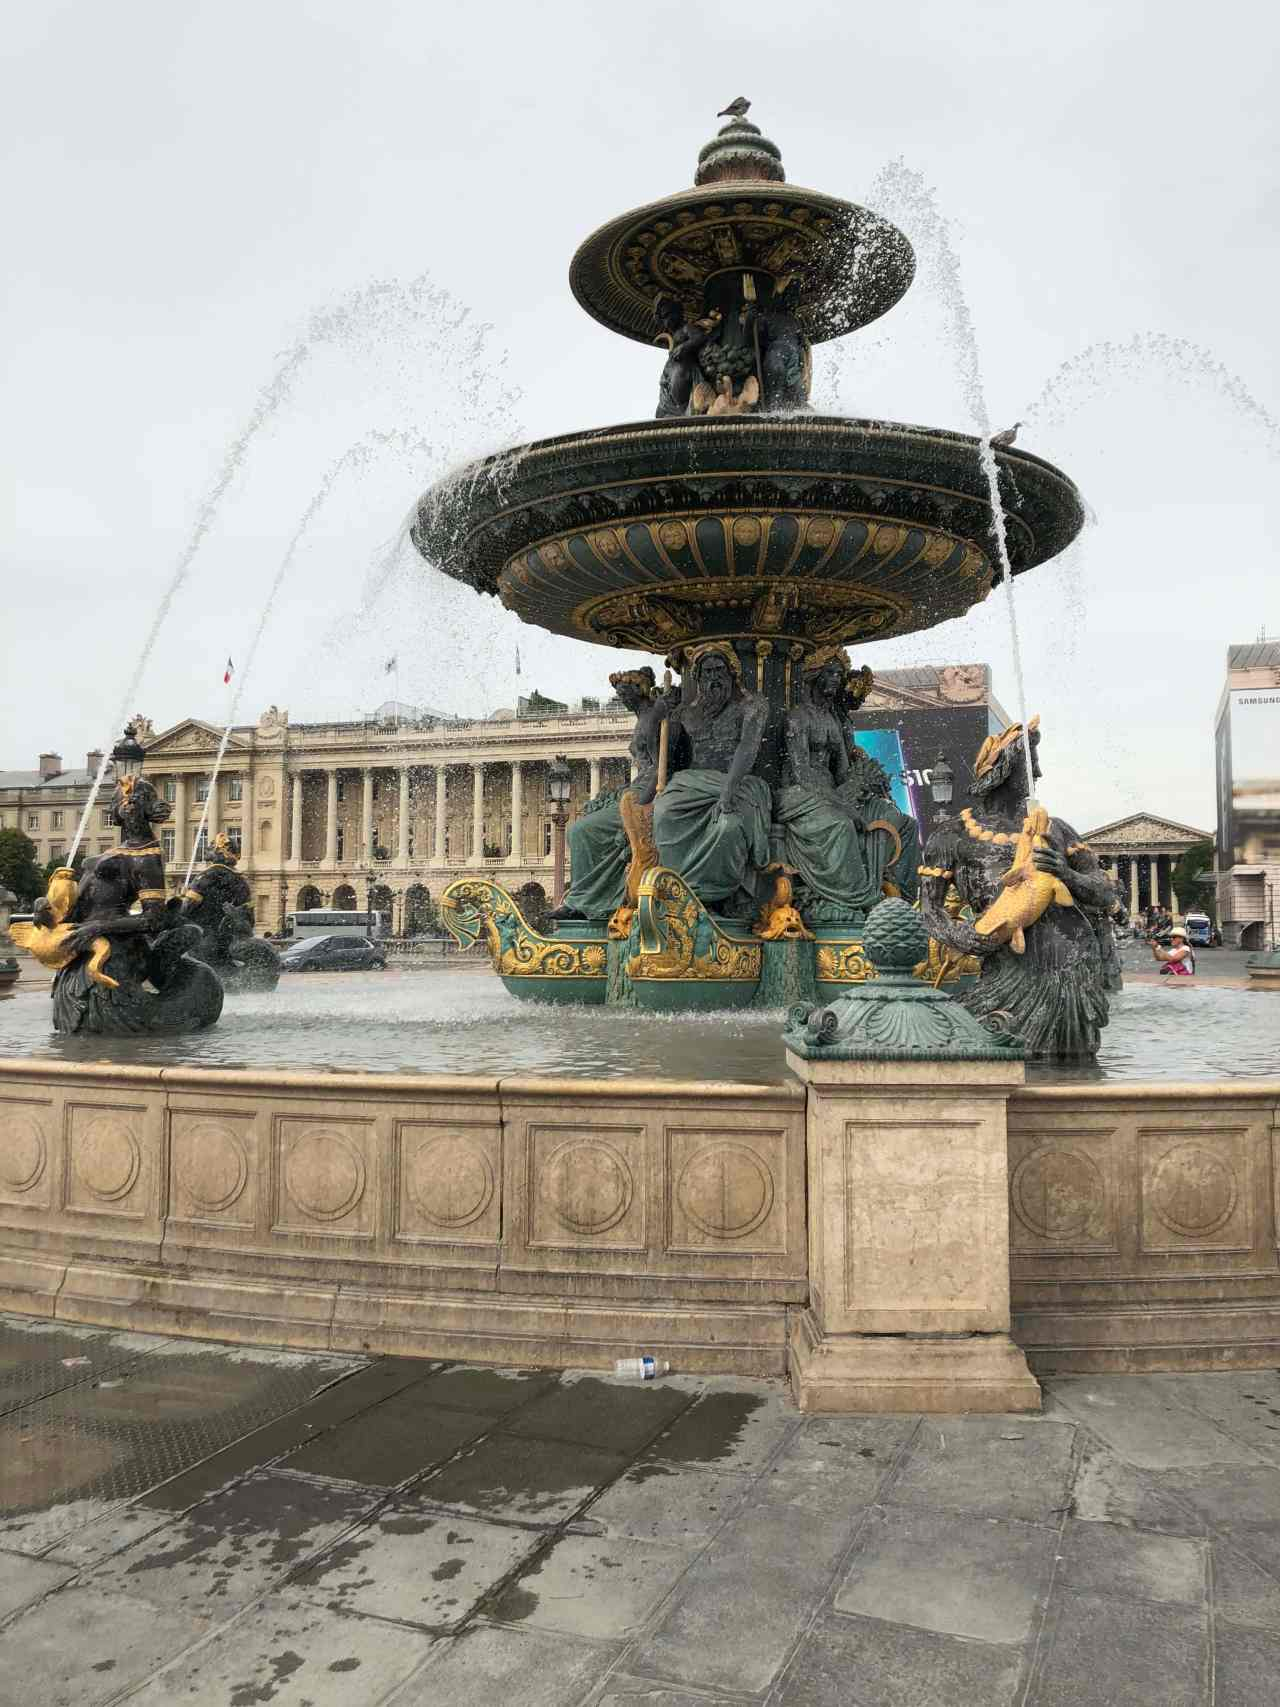 Fountain on the Place de la Concorde